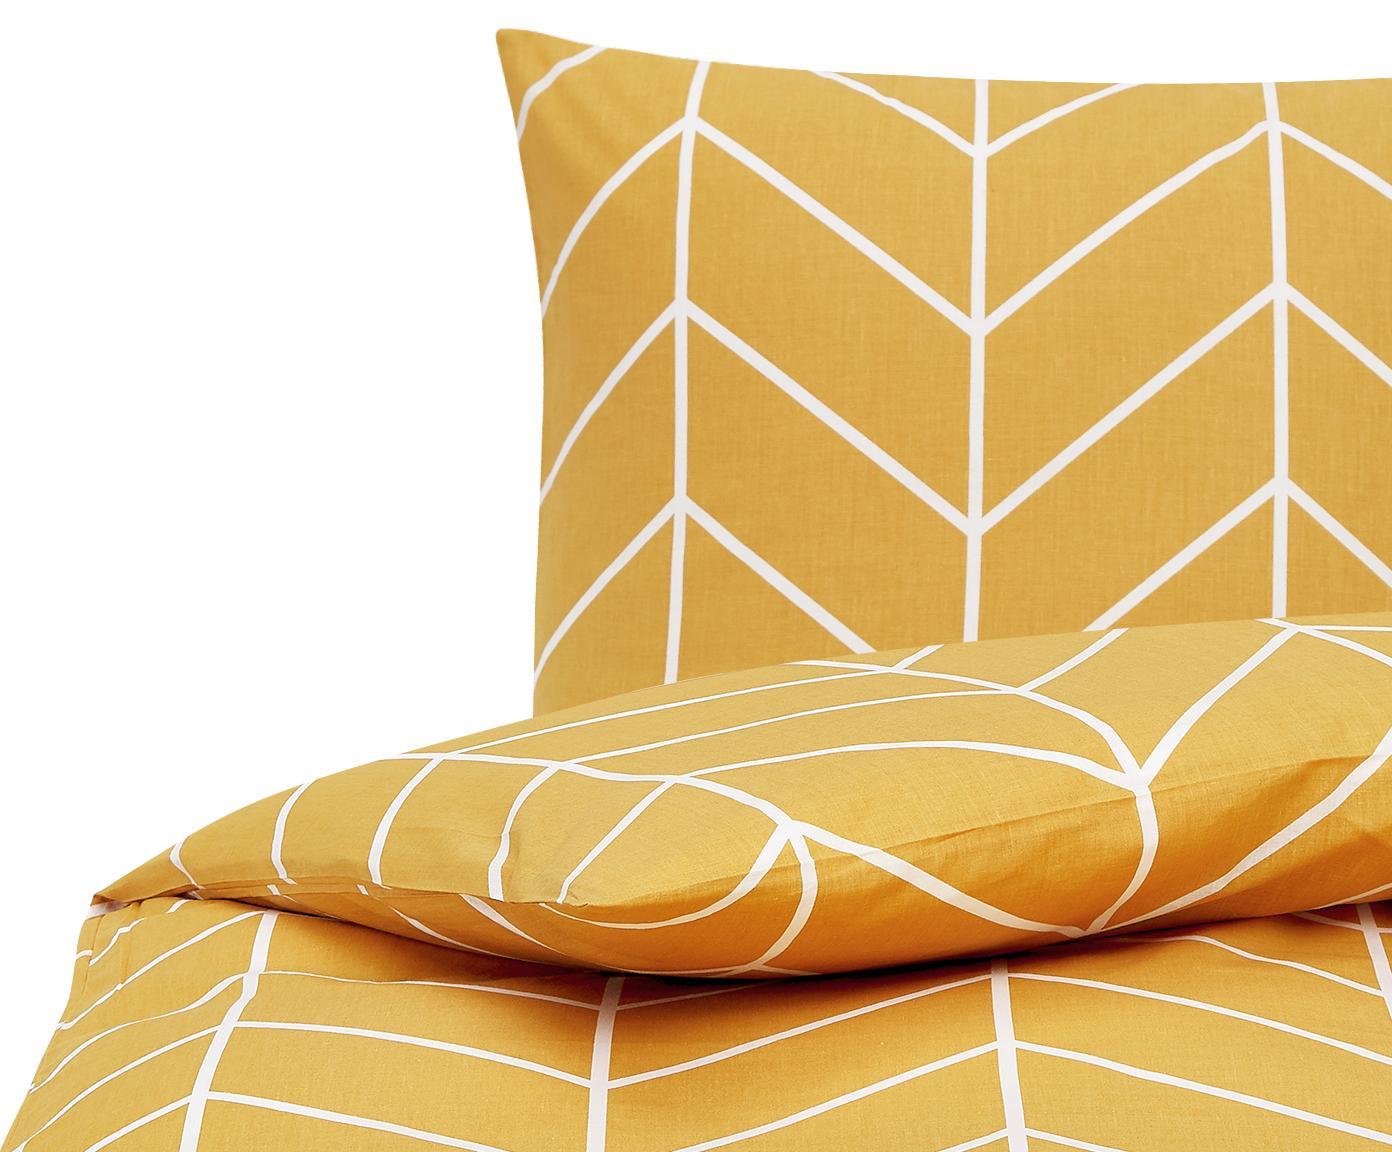 Baumwoll-Bettwäsche Mirja mit grafischem Muster, Webart: Renforcé Fadendichte 144 , Senfgelb, Cremeweiß, 240 x 220 cm + 2 Kissen 80 x 80 cm